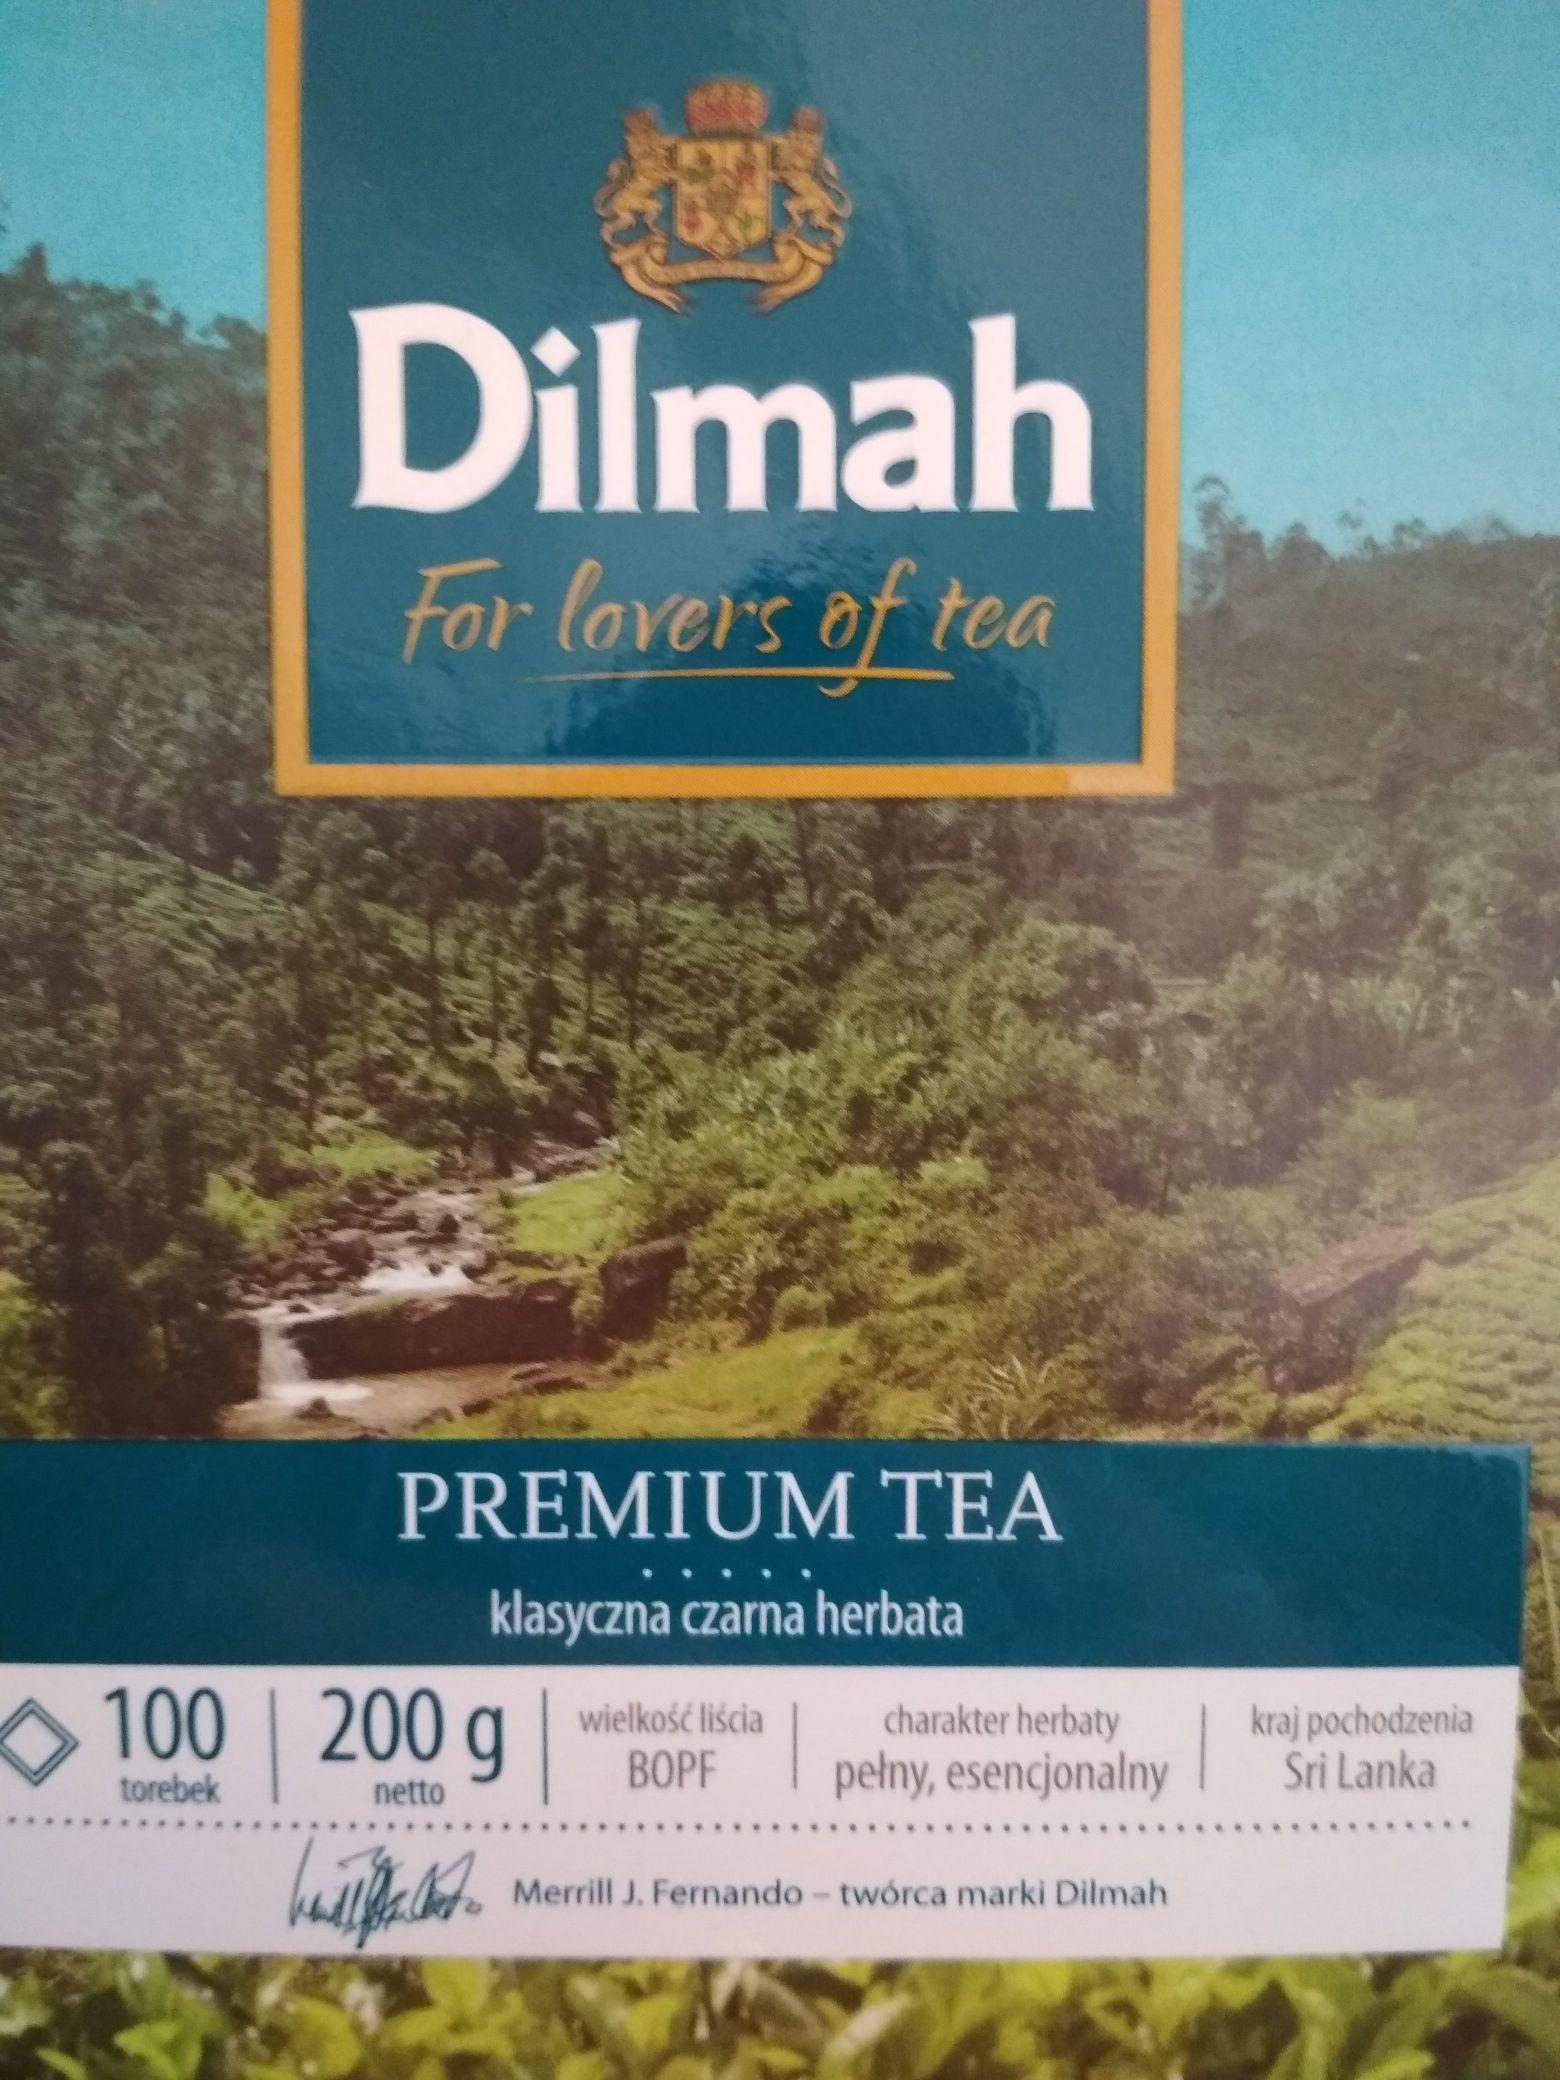 Herbata Dilmah Premium. 100 torebek. Błąd cenowy?